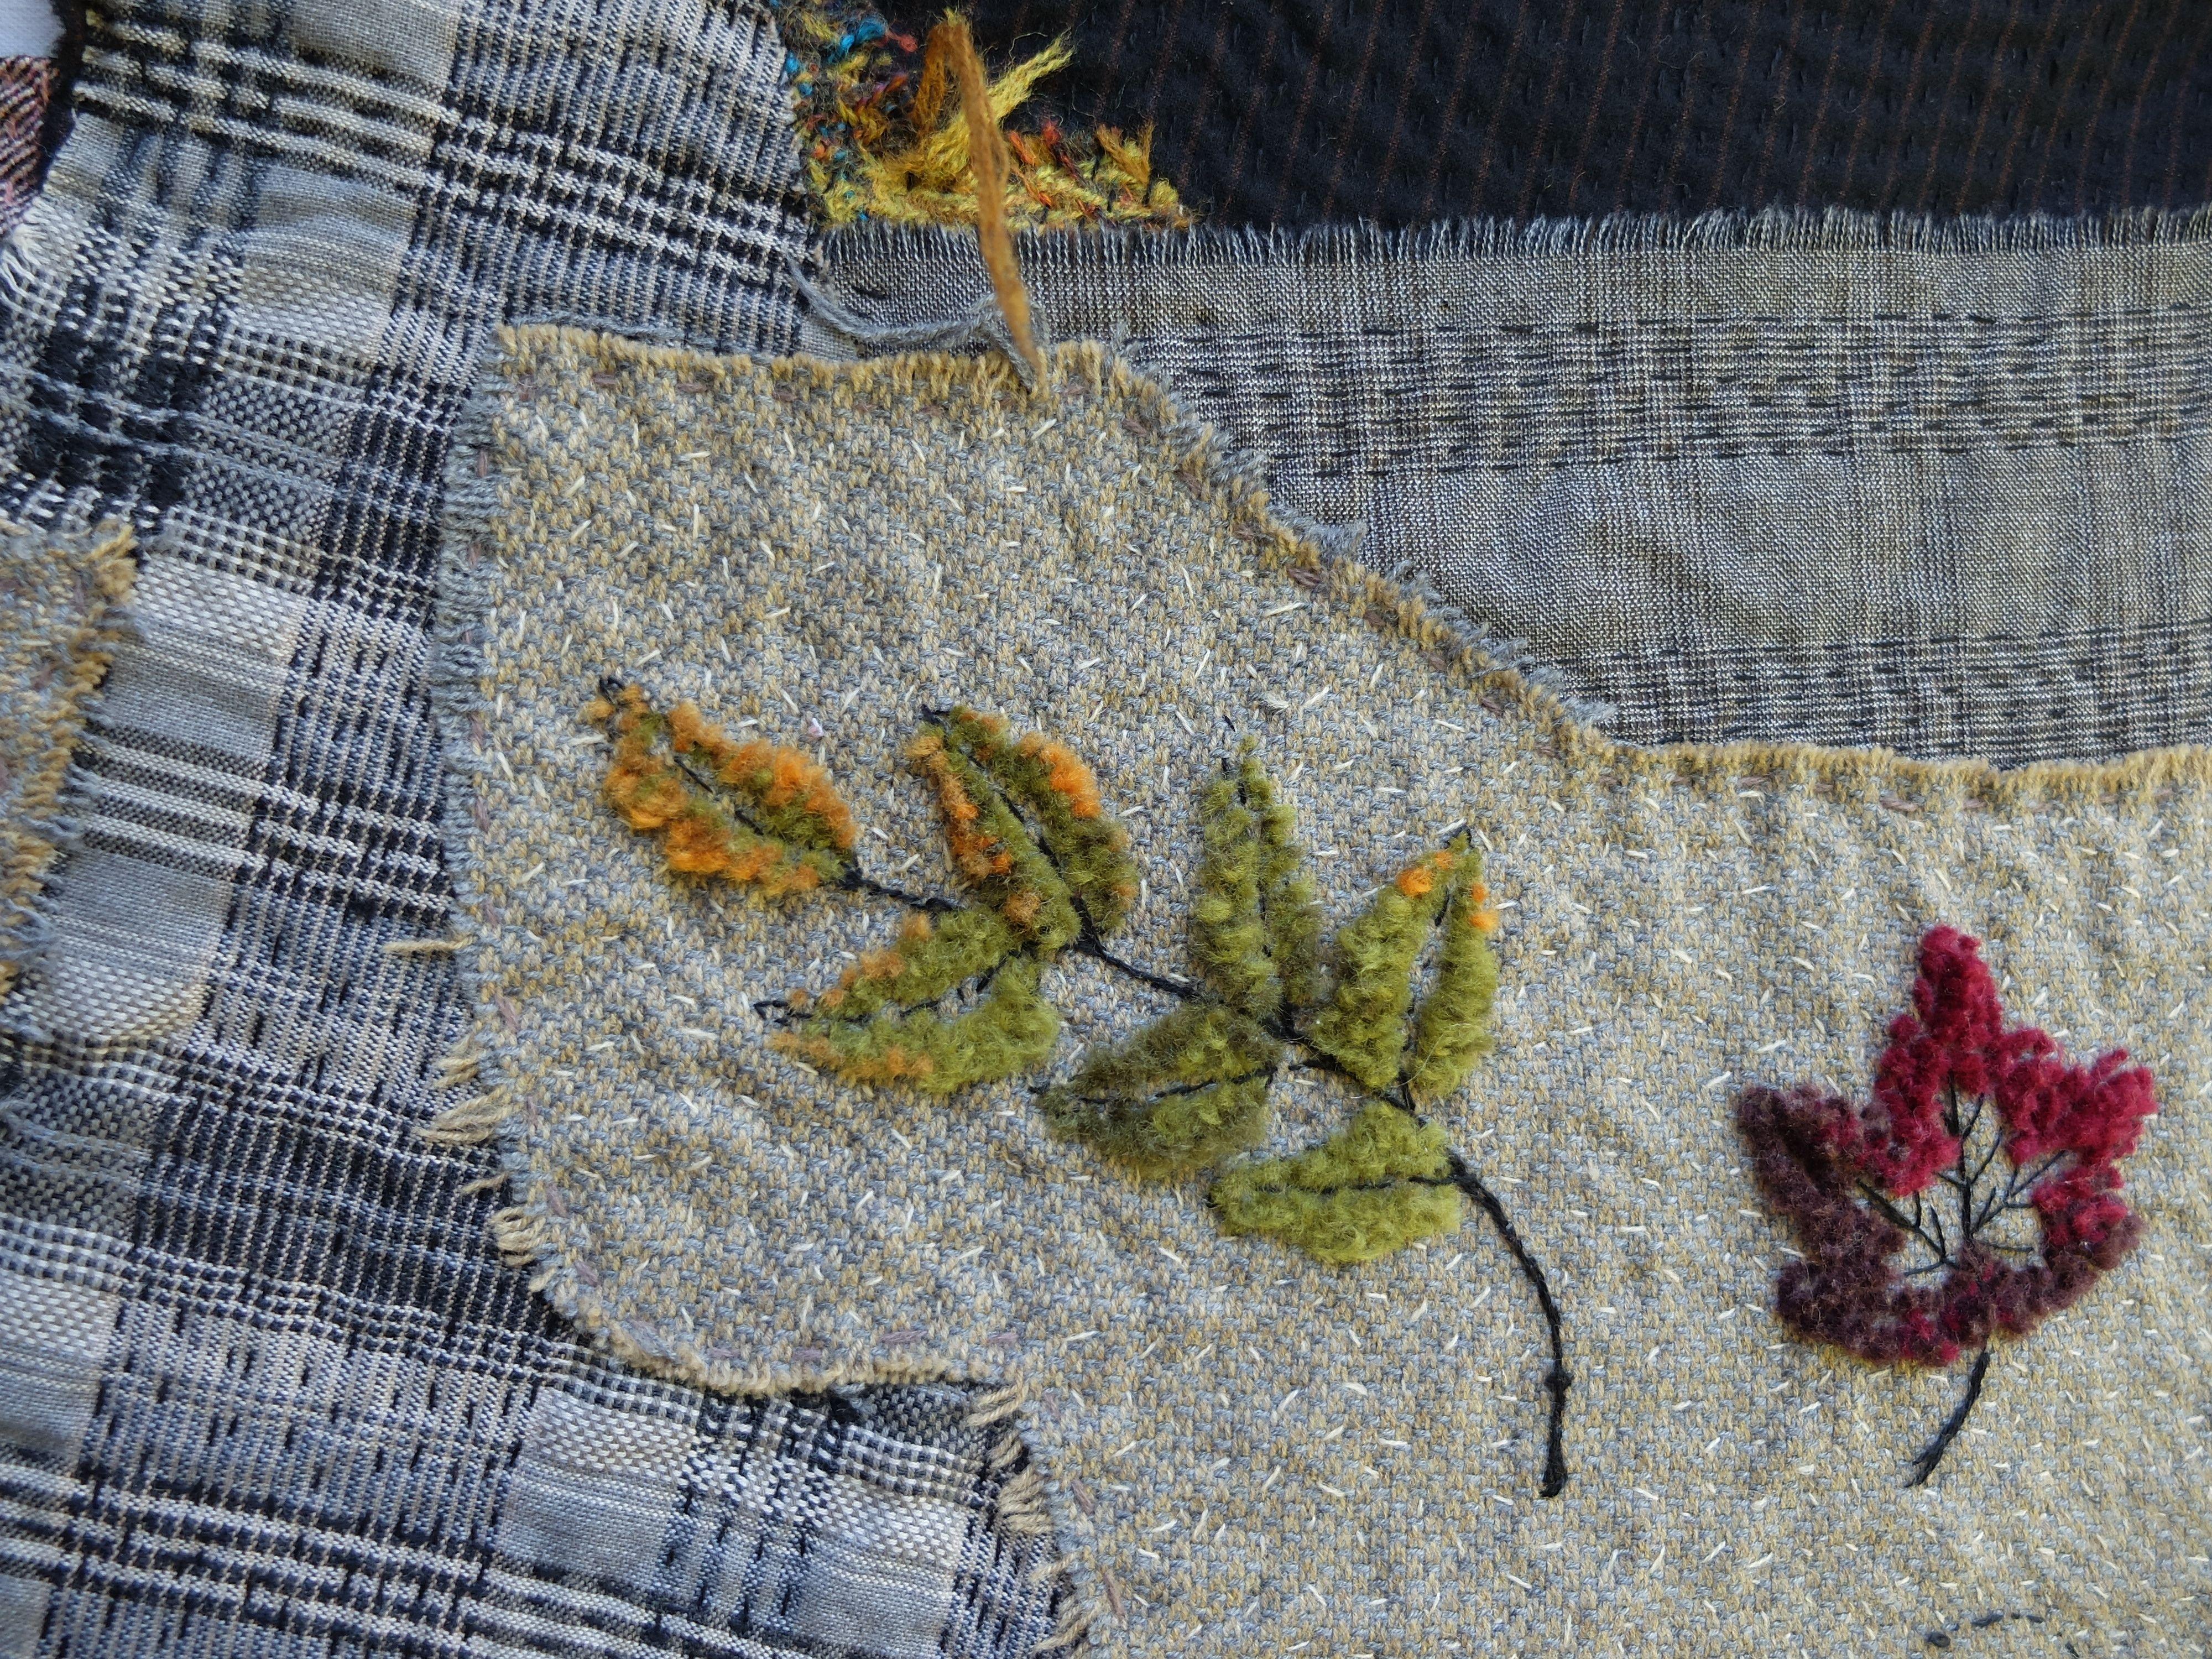 Segolaine Schweitzer Detail De La Broderie Velours Sur Les Deux Petites Pieces Feuilles D Automne Et Oiseaux Broderie Fleurs Tissus Feuille Automne